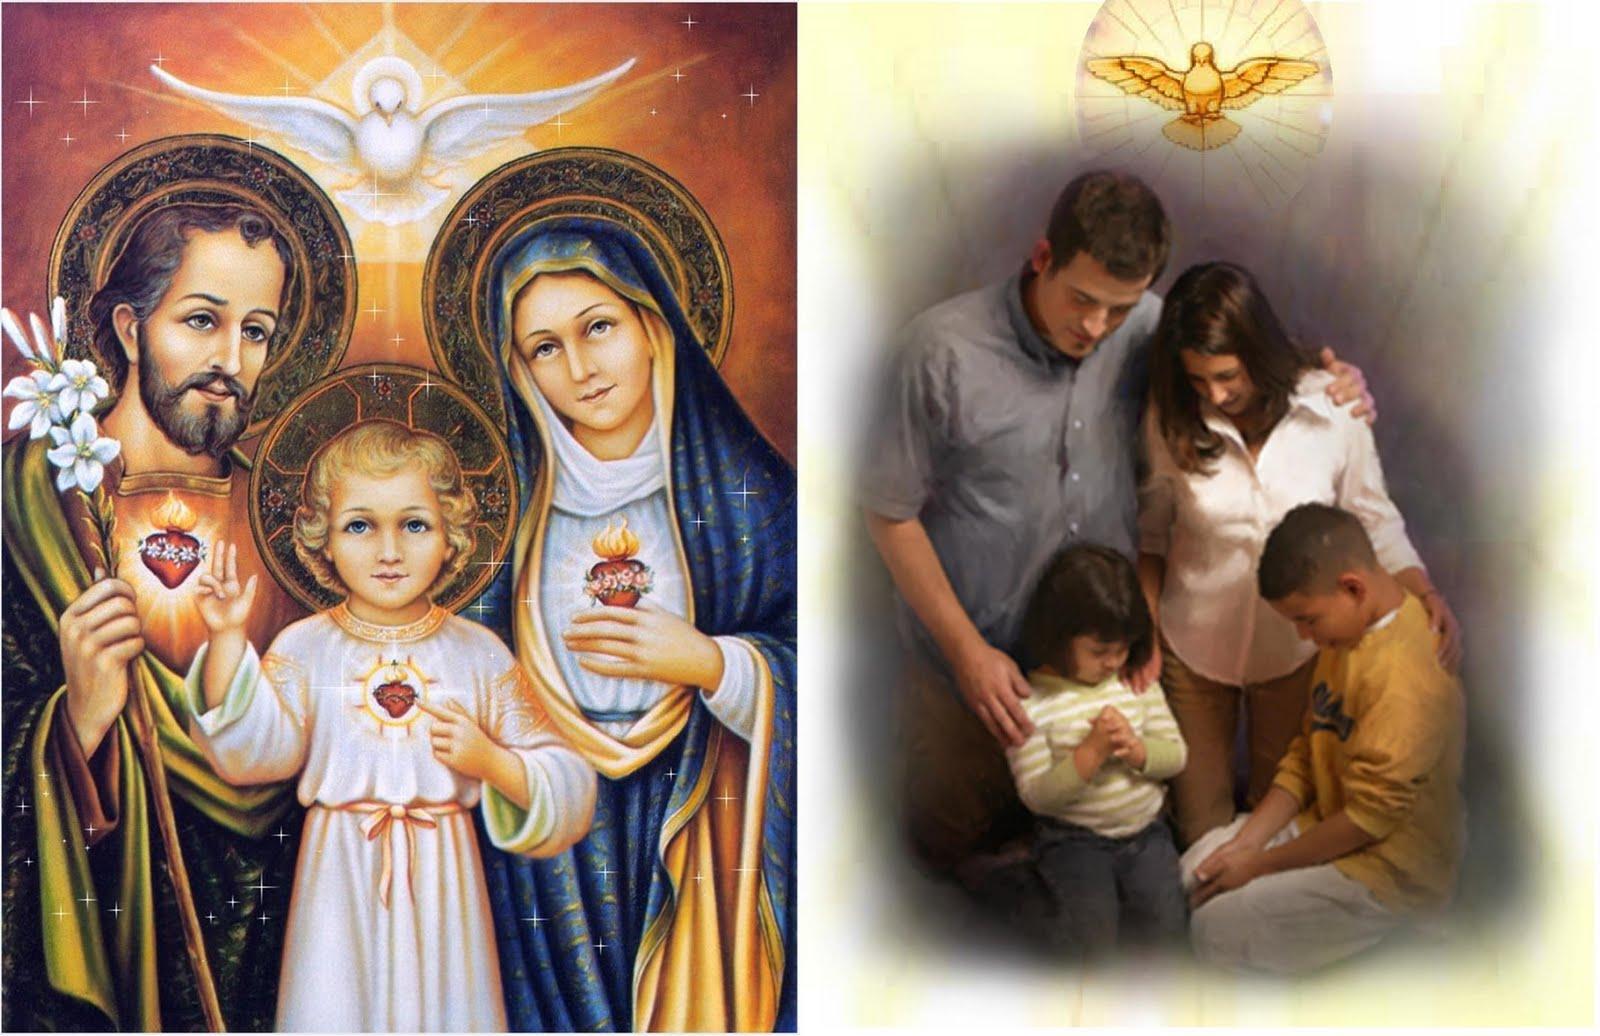 Matrimonio Catolico Hijos : Camino católico el don de la familia por † lluís